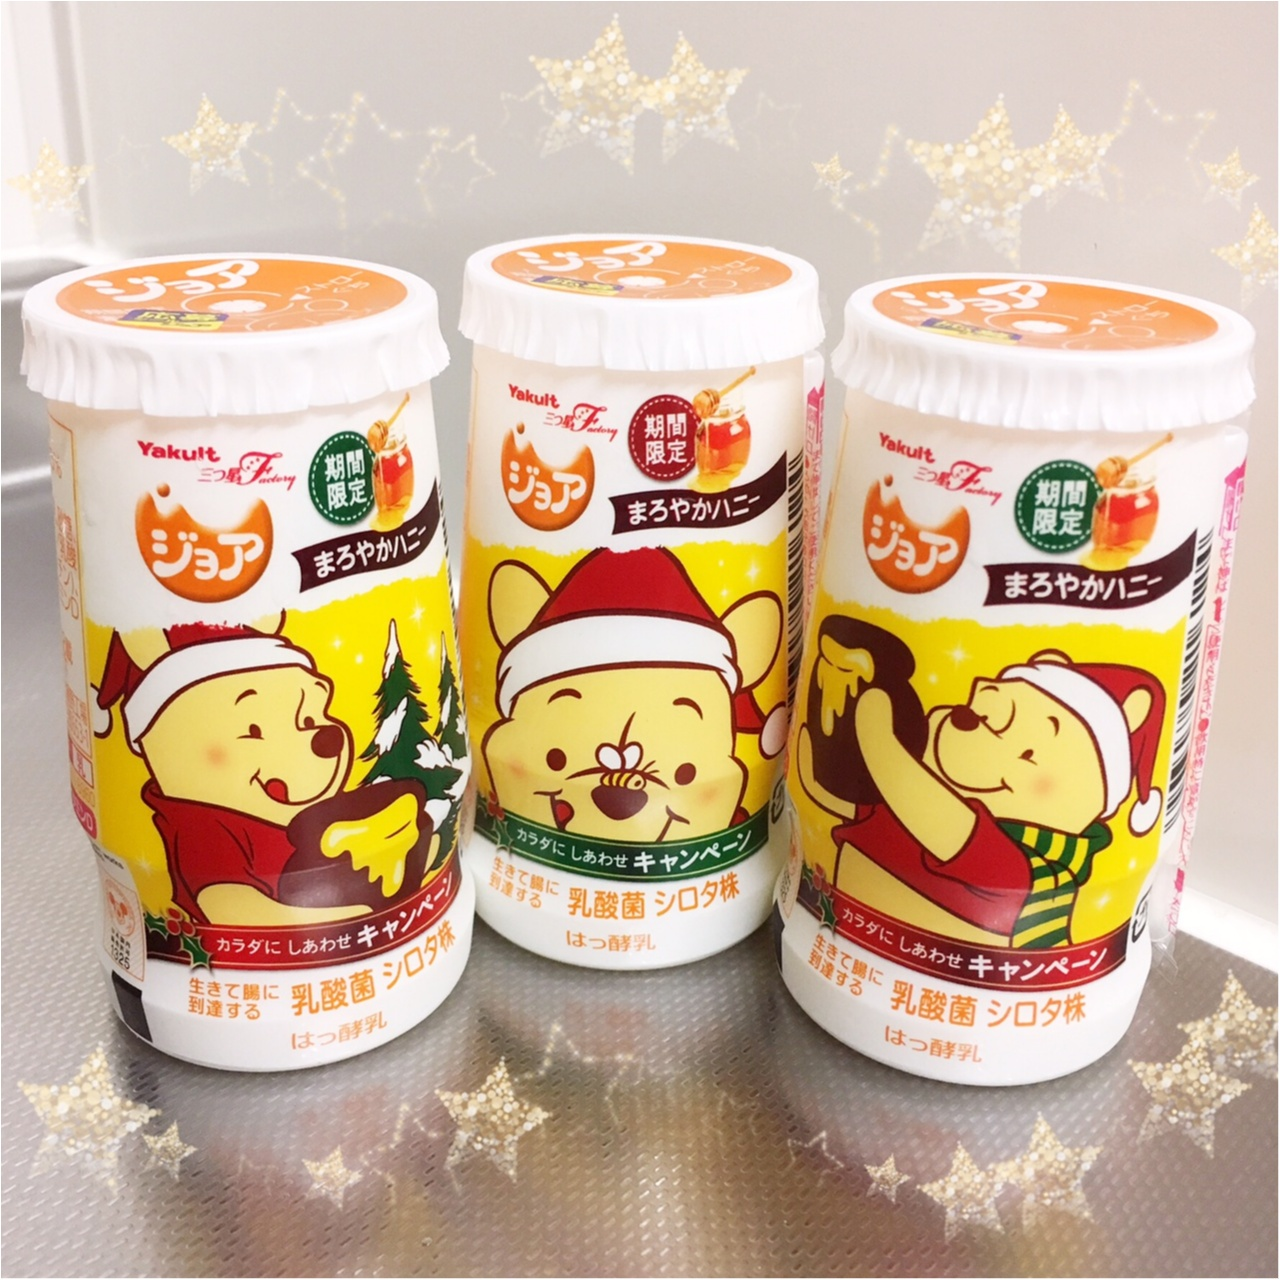 【ヤクルトジョア】かわいいクリスマスのプーさん仕様に♡_1